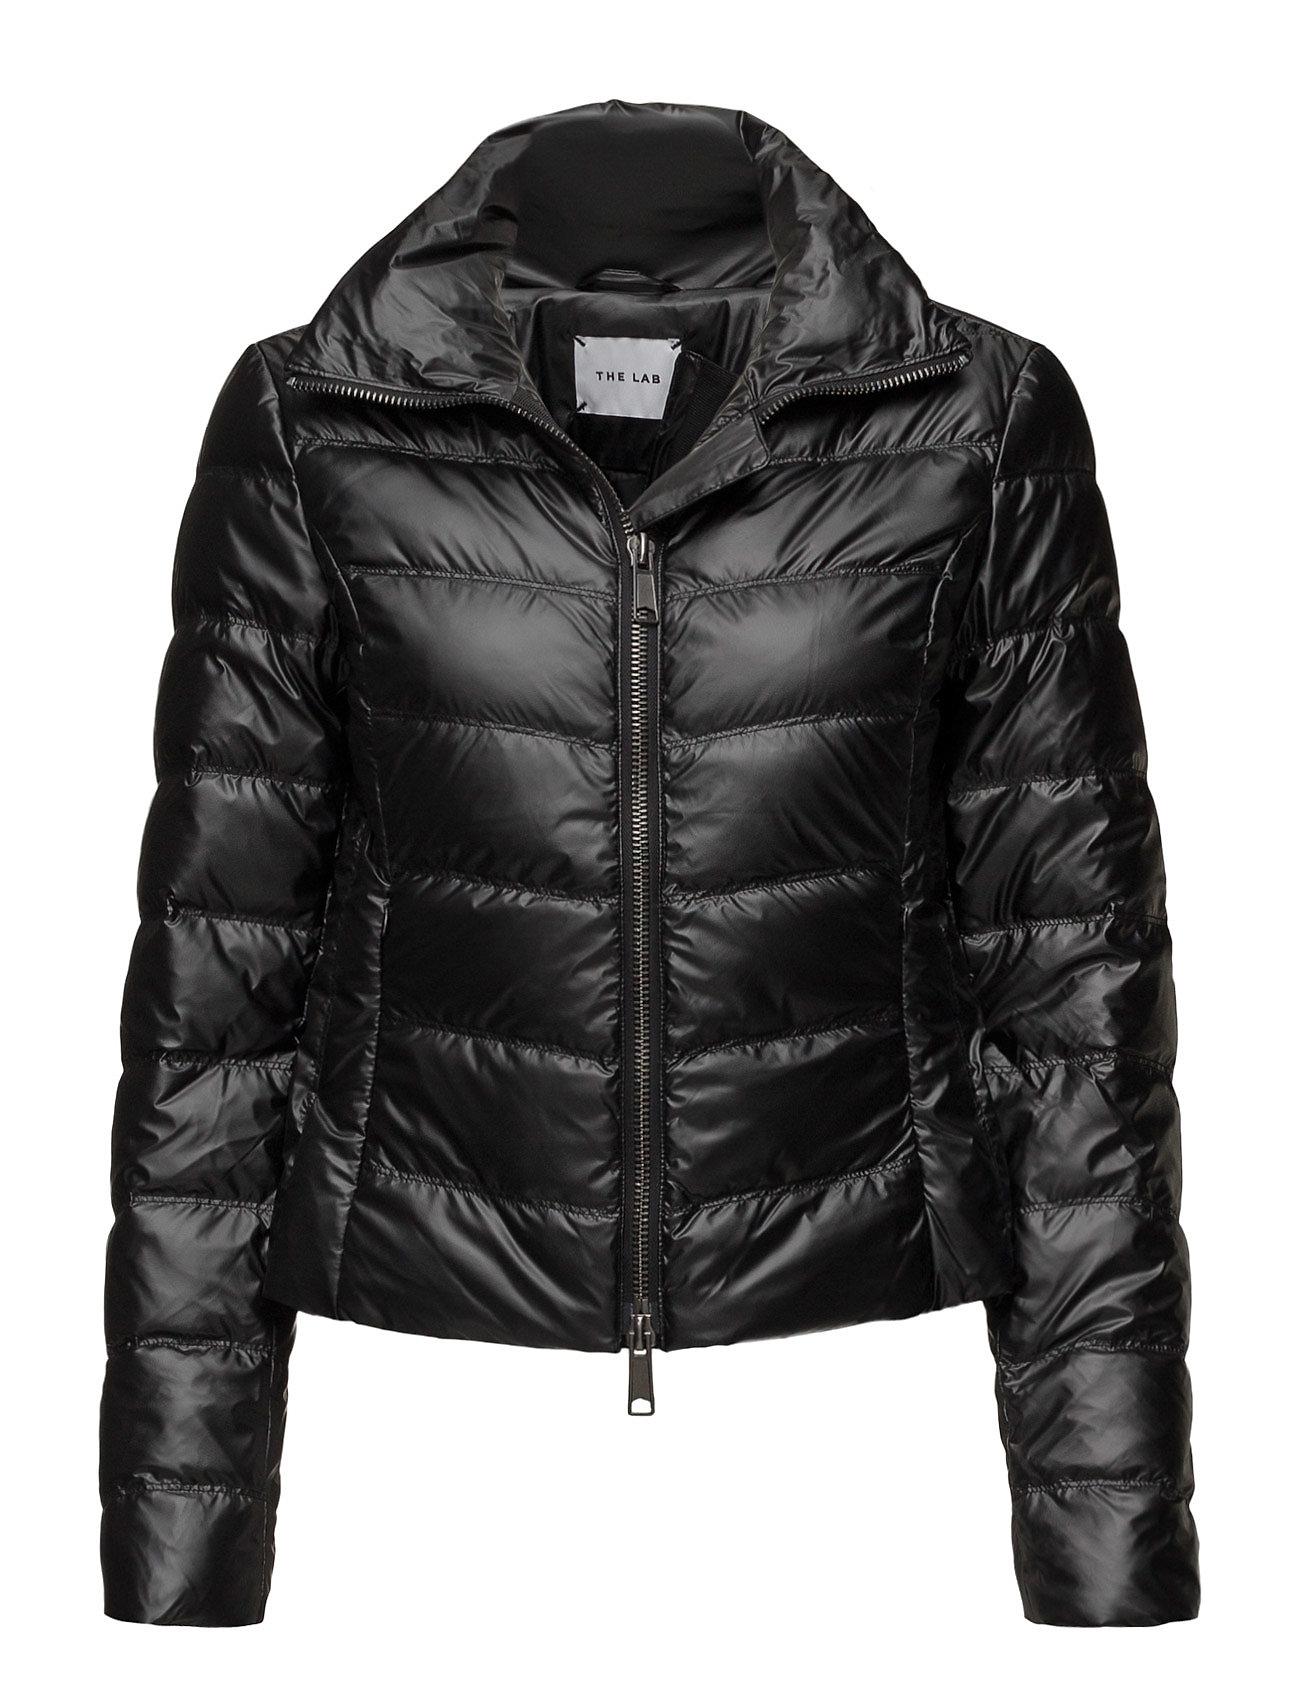 Handla kläder och mode från The Lab online  7514 - Josa e4345d80d370f